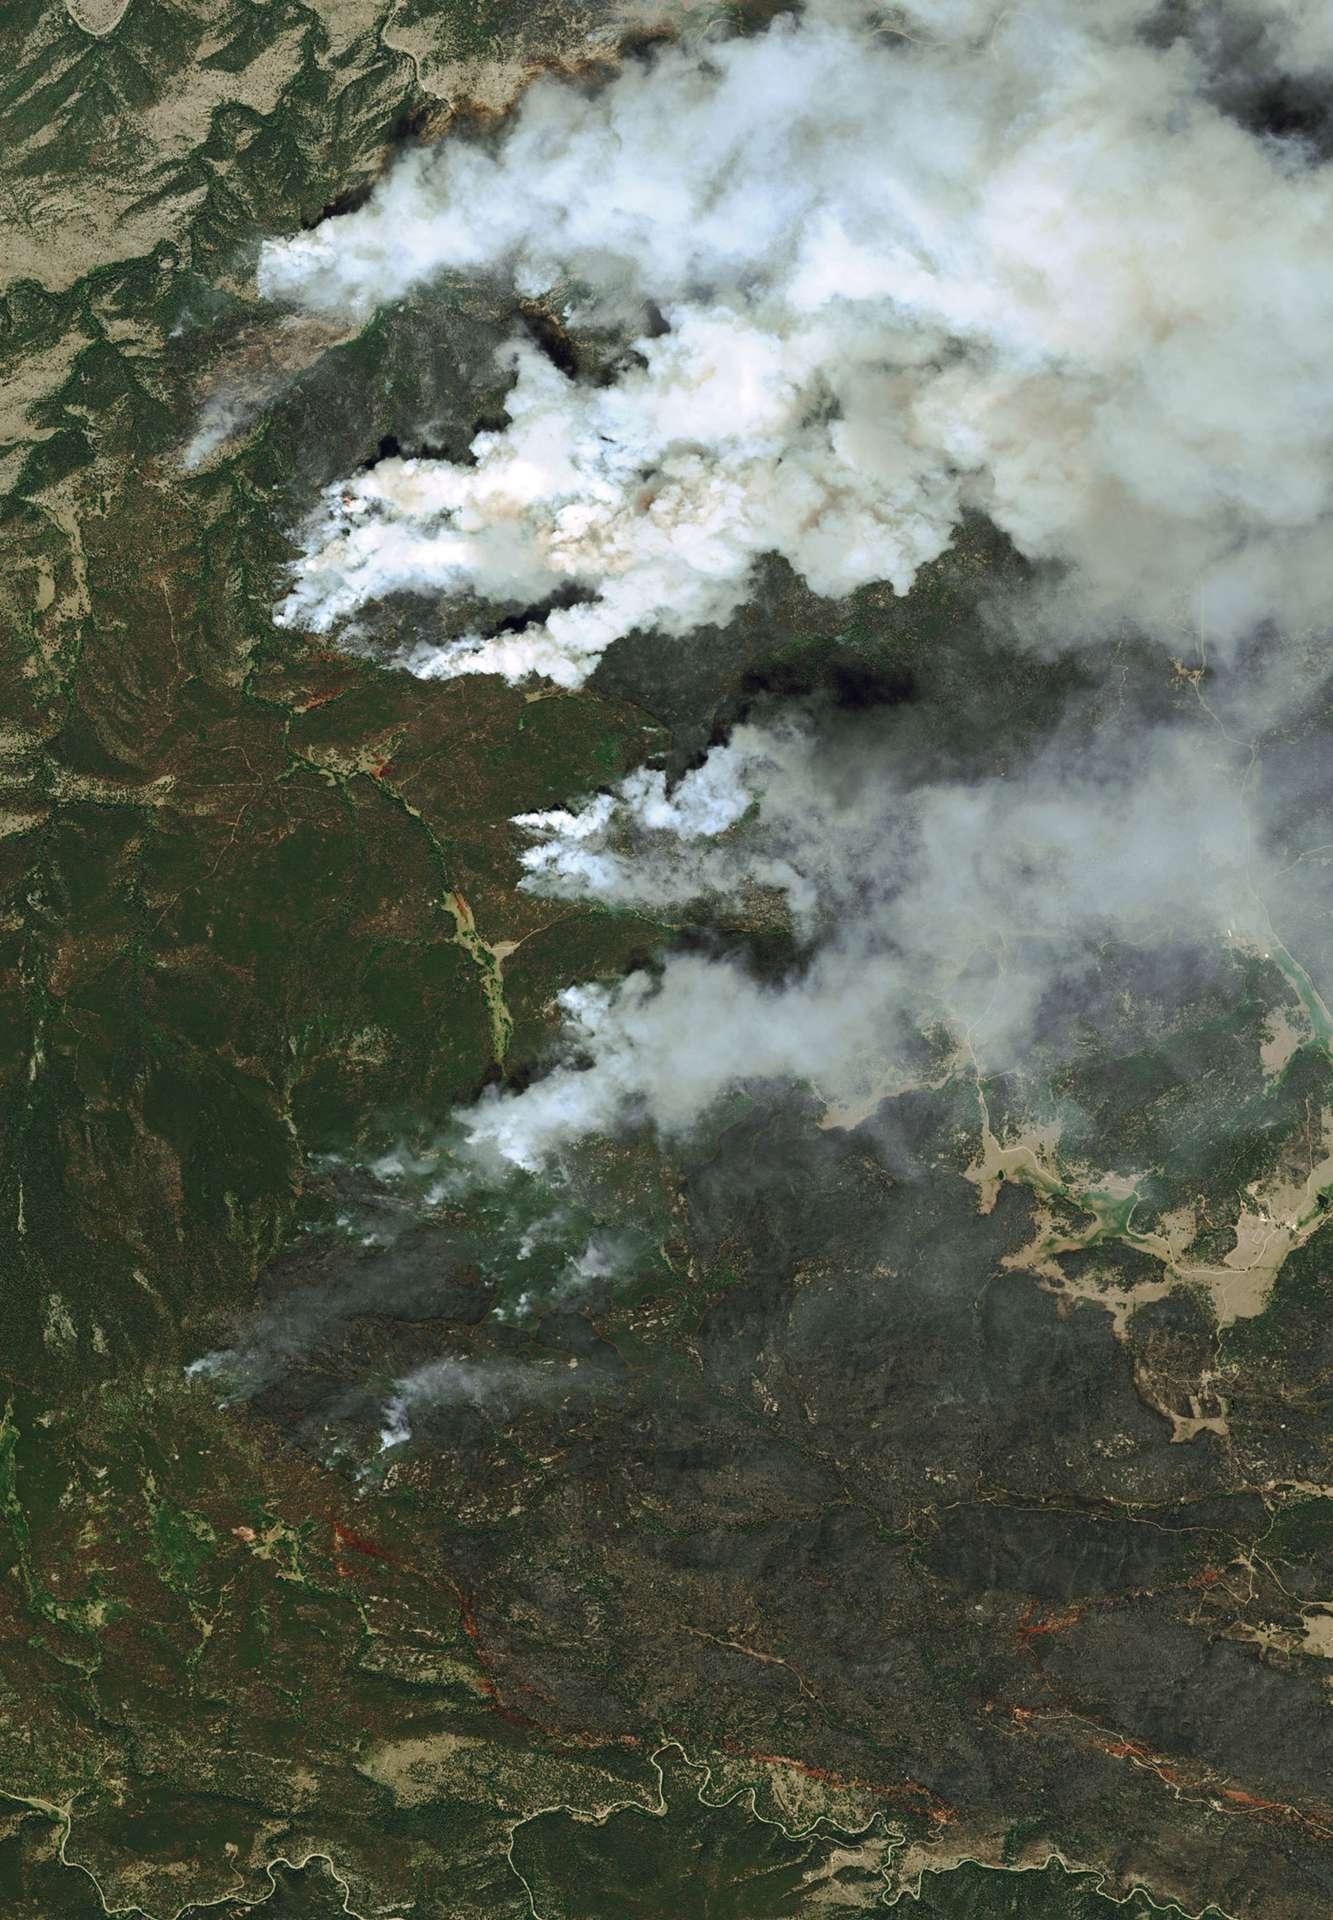 La puissance d'observation des satellites ne se dément pas avec cette image acquise par Pléiades, un satellite d'observation français exploité par Astrium, qui montre avec force détails les énormes incendies qui ravagent le Colorado. © Cnes 2012/Astrium Services/Spot Image